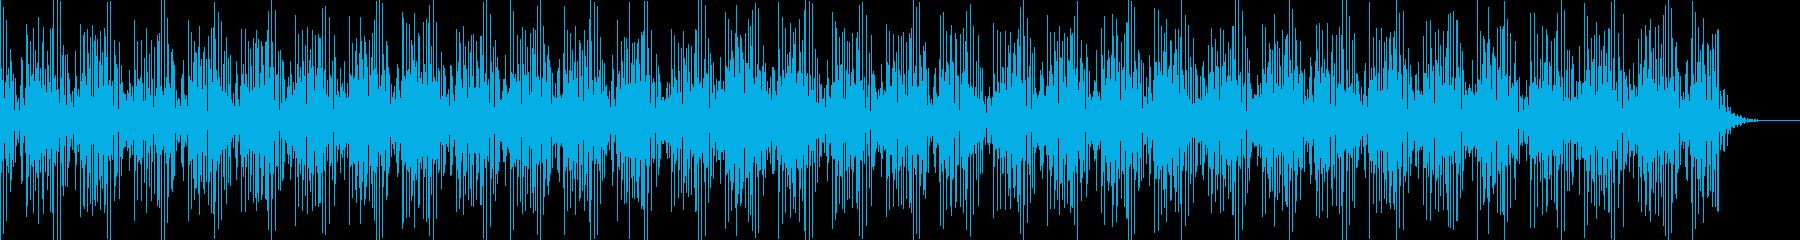 メニュー画面/シンキングタイムの再生済みの波形